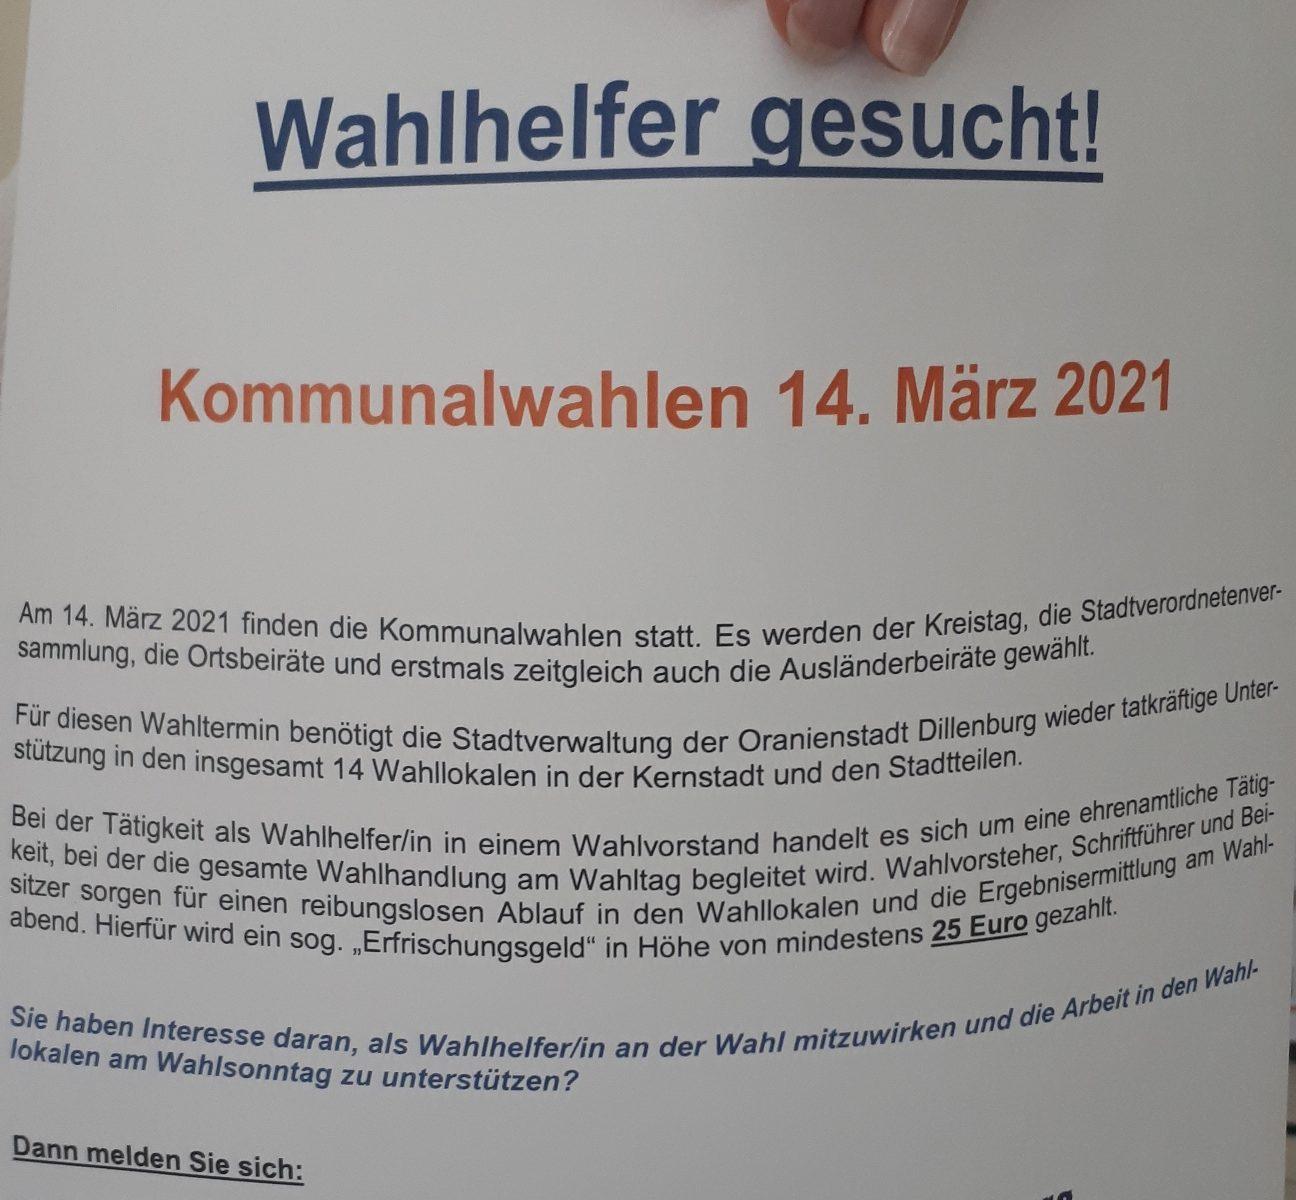 Plakat Wahlhelfer gesucht.